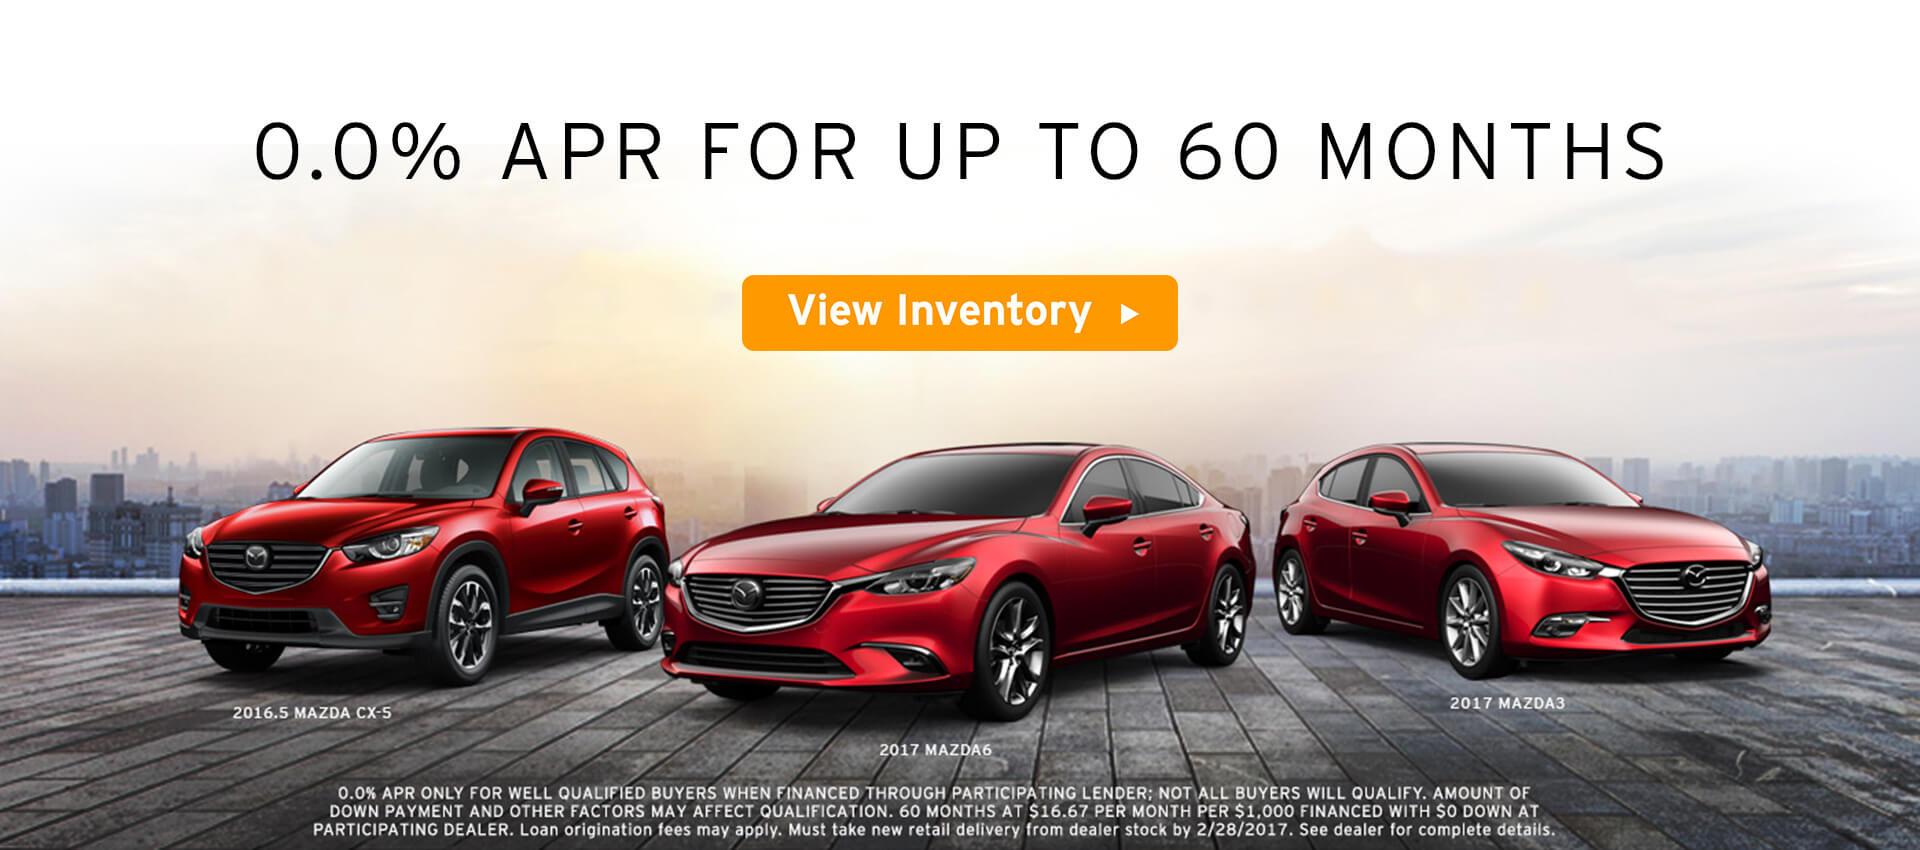 Mazda OEM